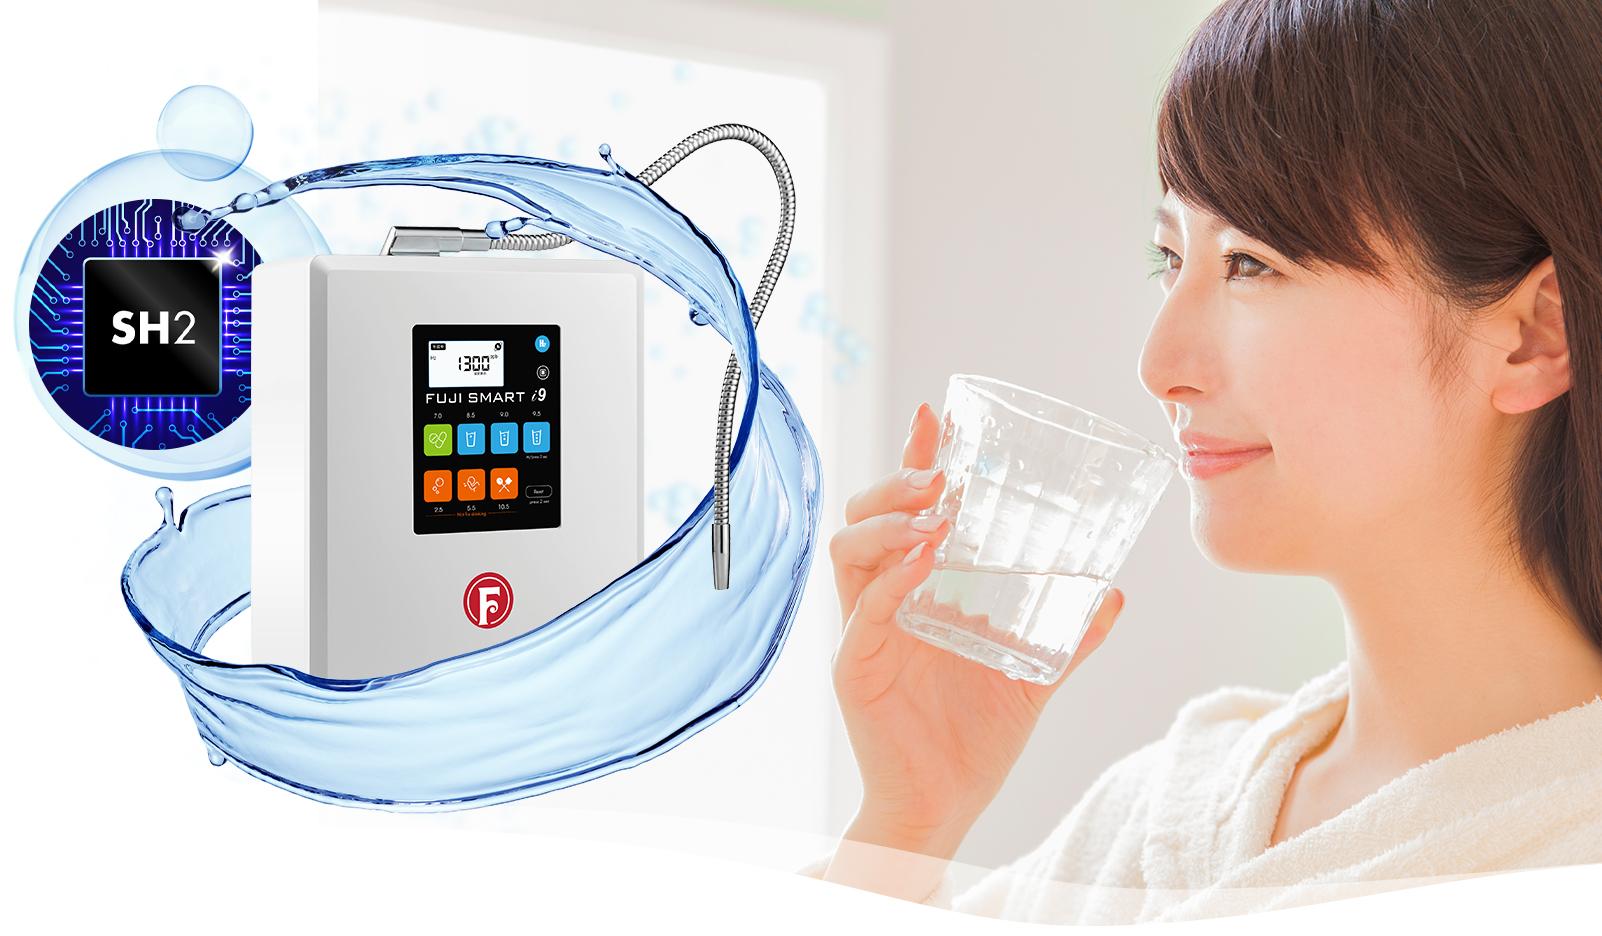 Máy lọc nước điện giải ion kiềm Fuji Smart i9 Nhật Bản